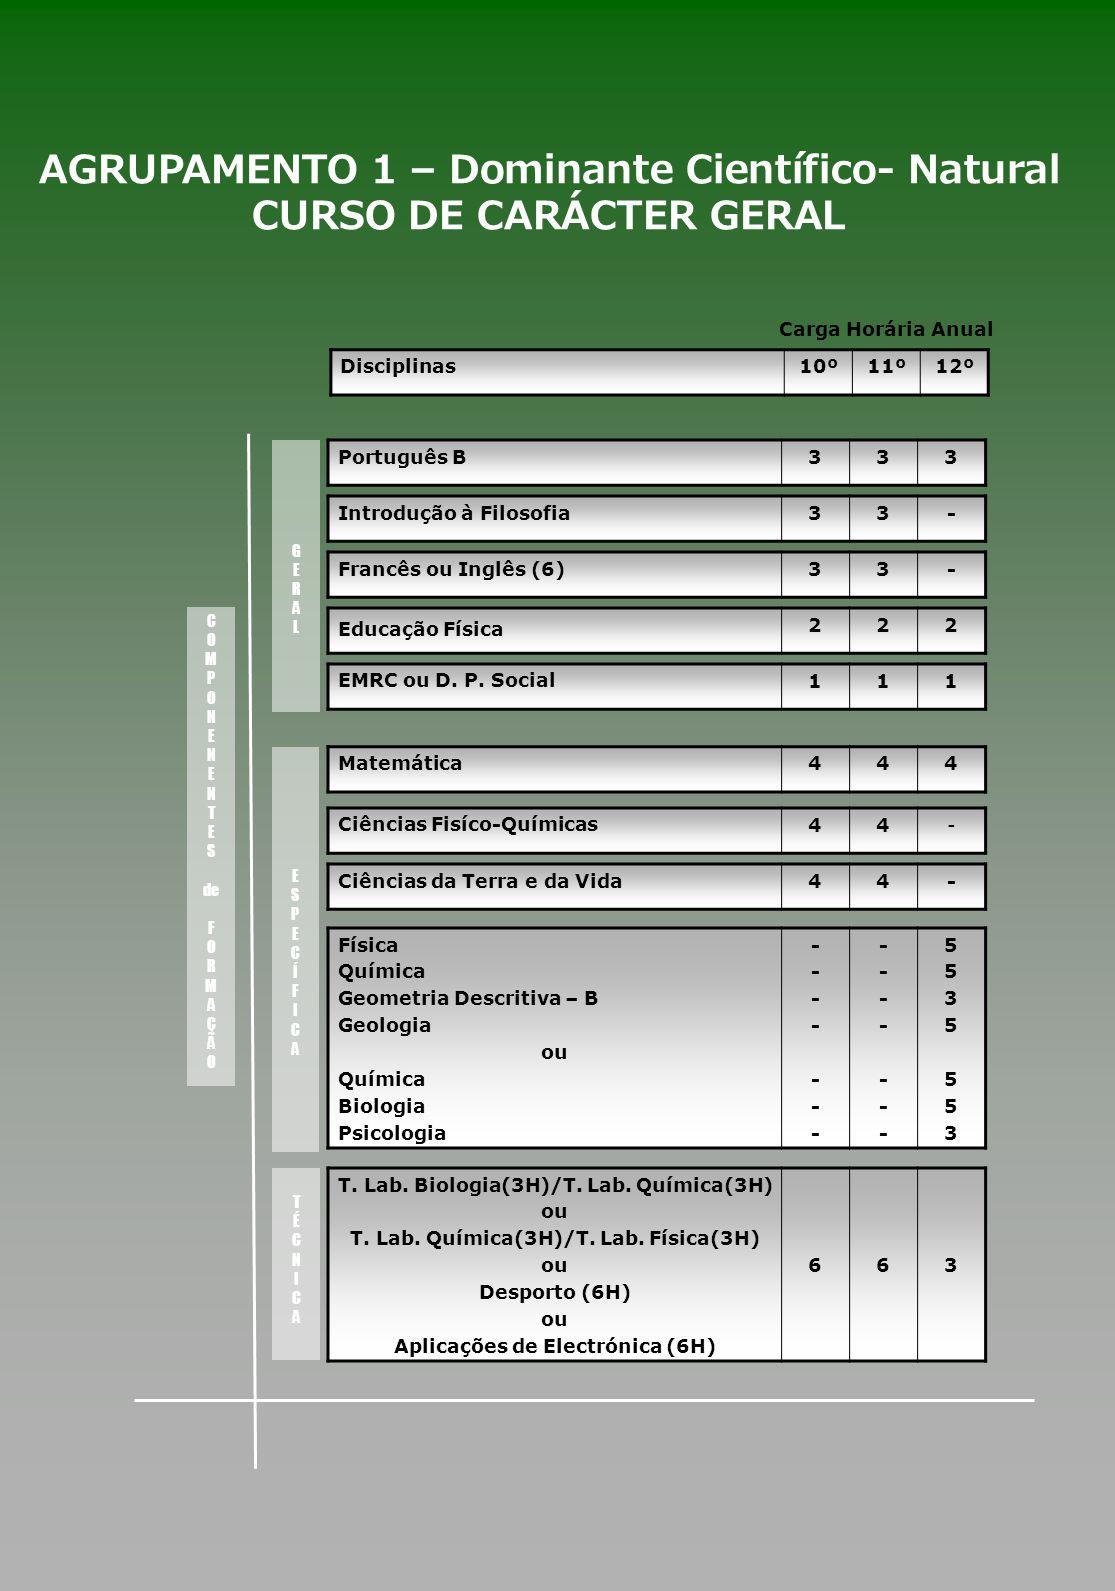 AGRUPAMENTO 1 – Dominante Científico- Natural CURSO DE CARÁCTER GERAL